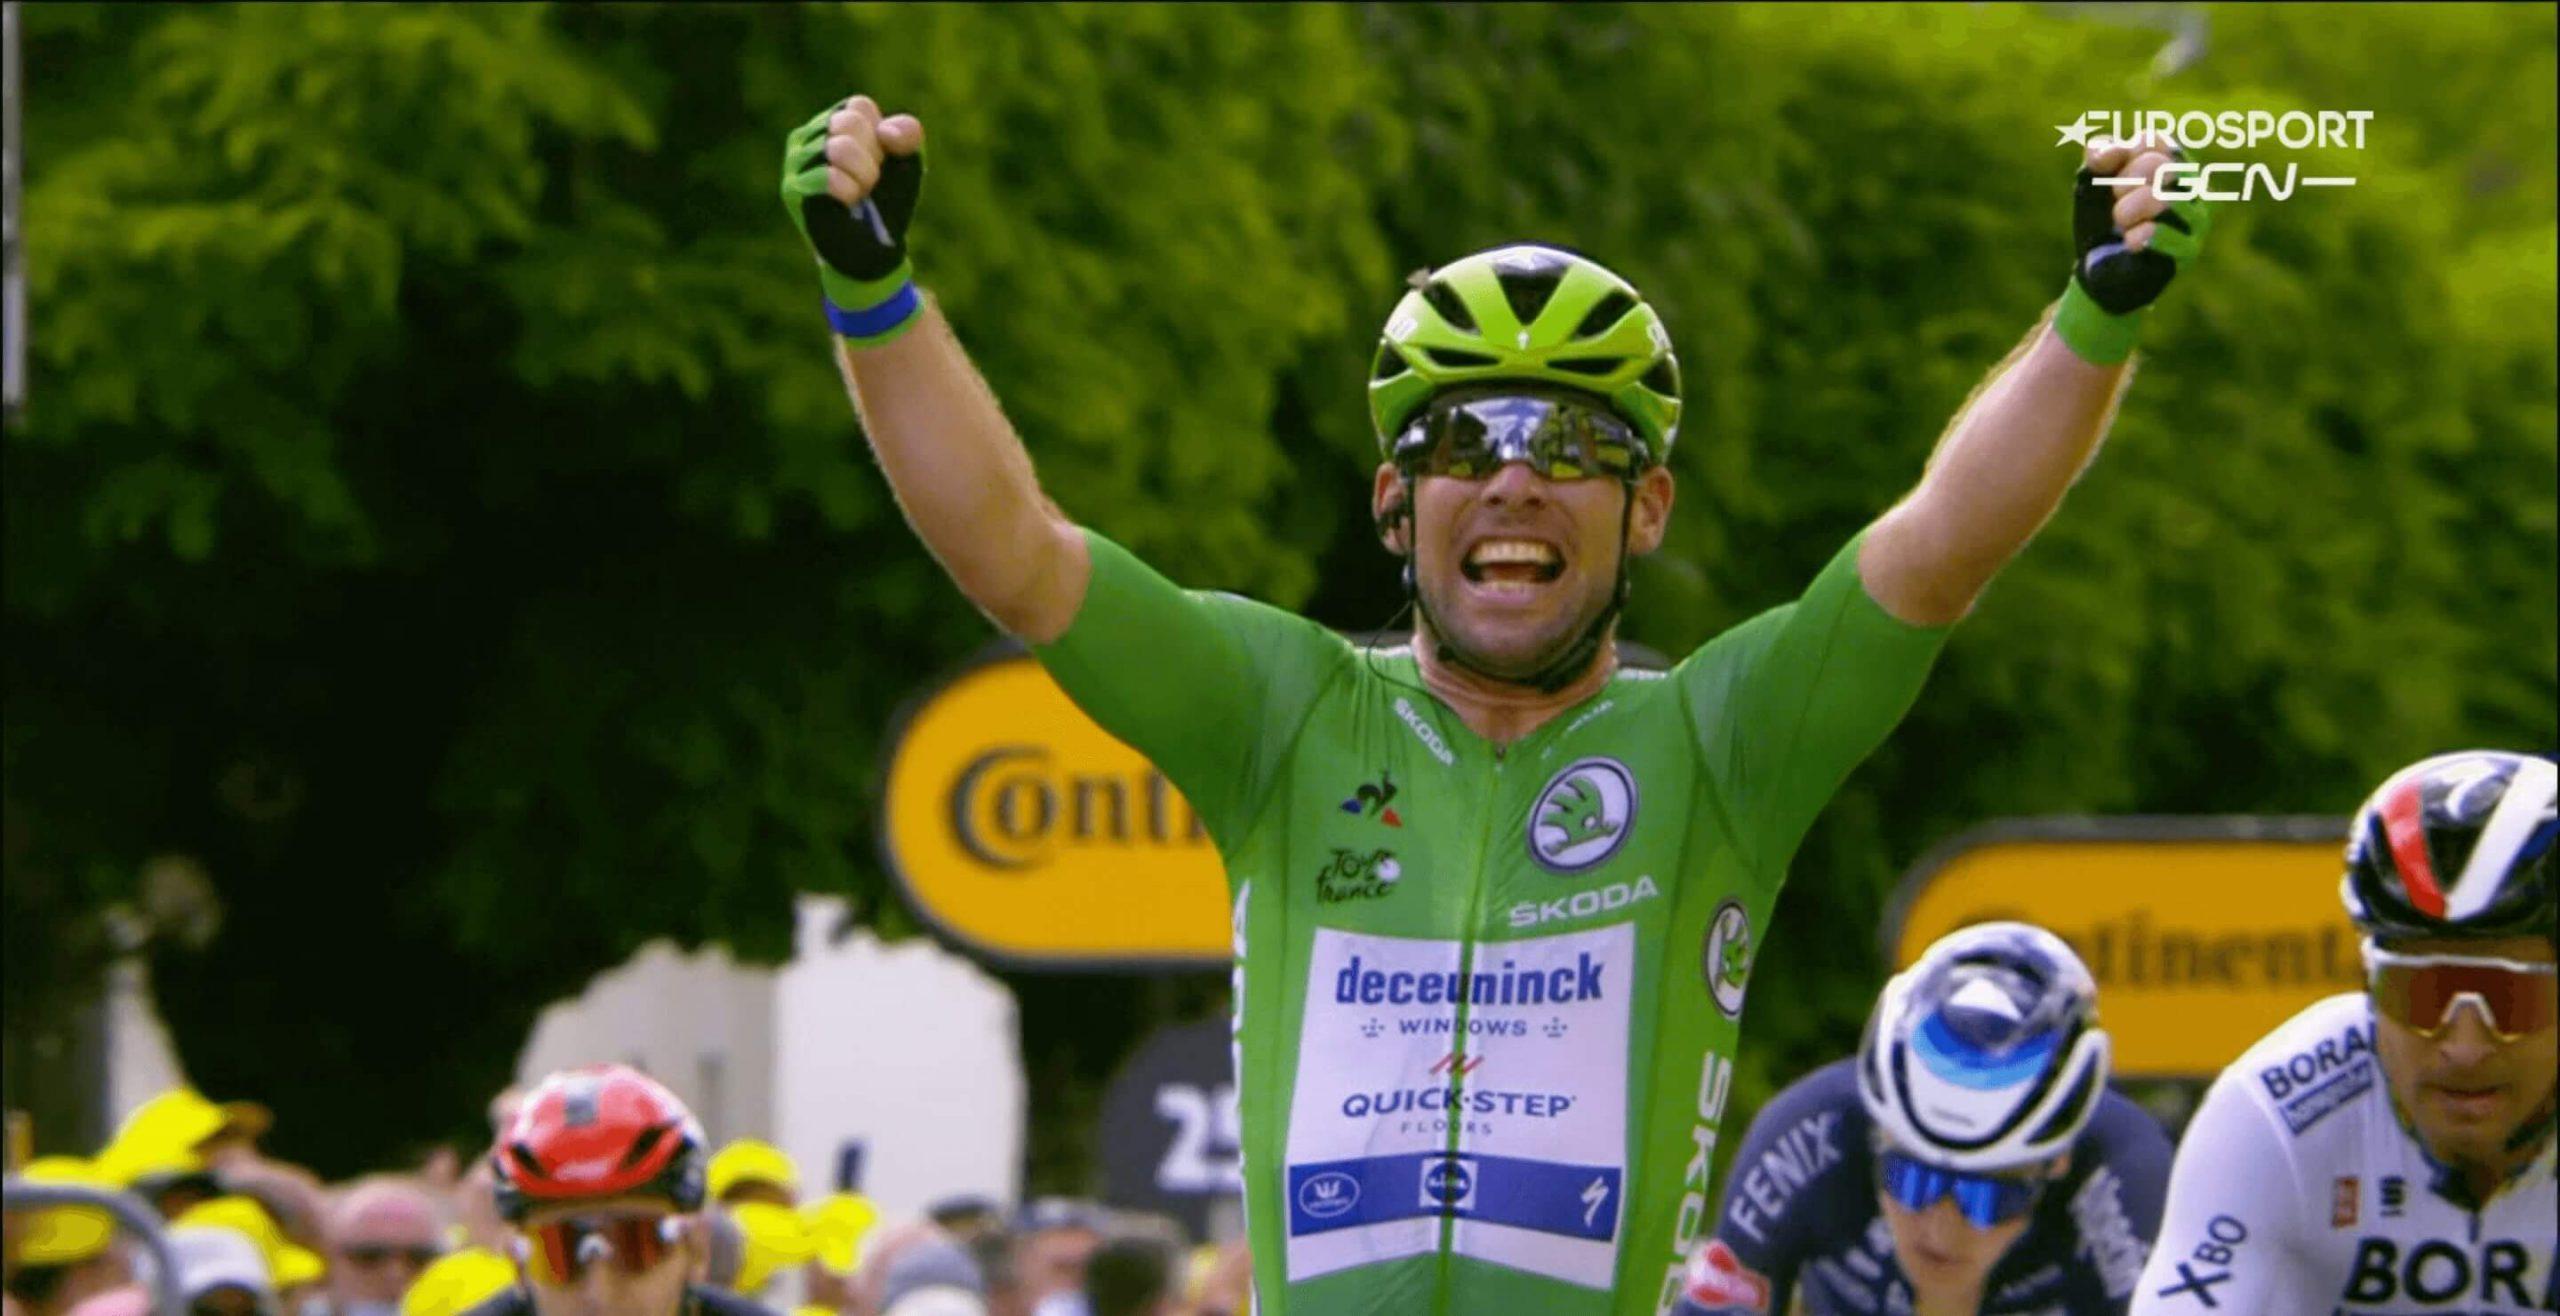 Tour de France 2021 stage 6